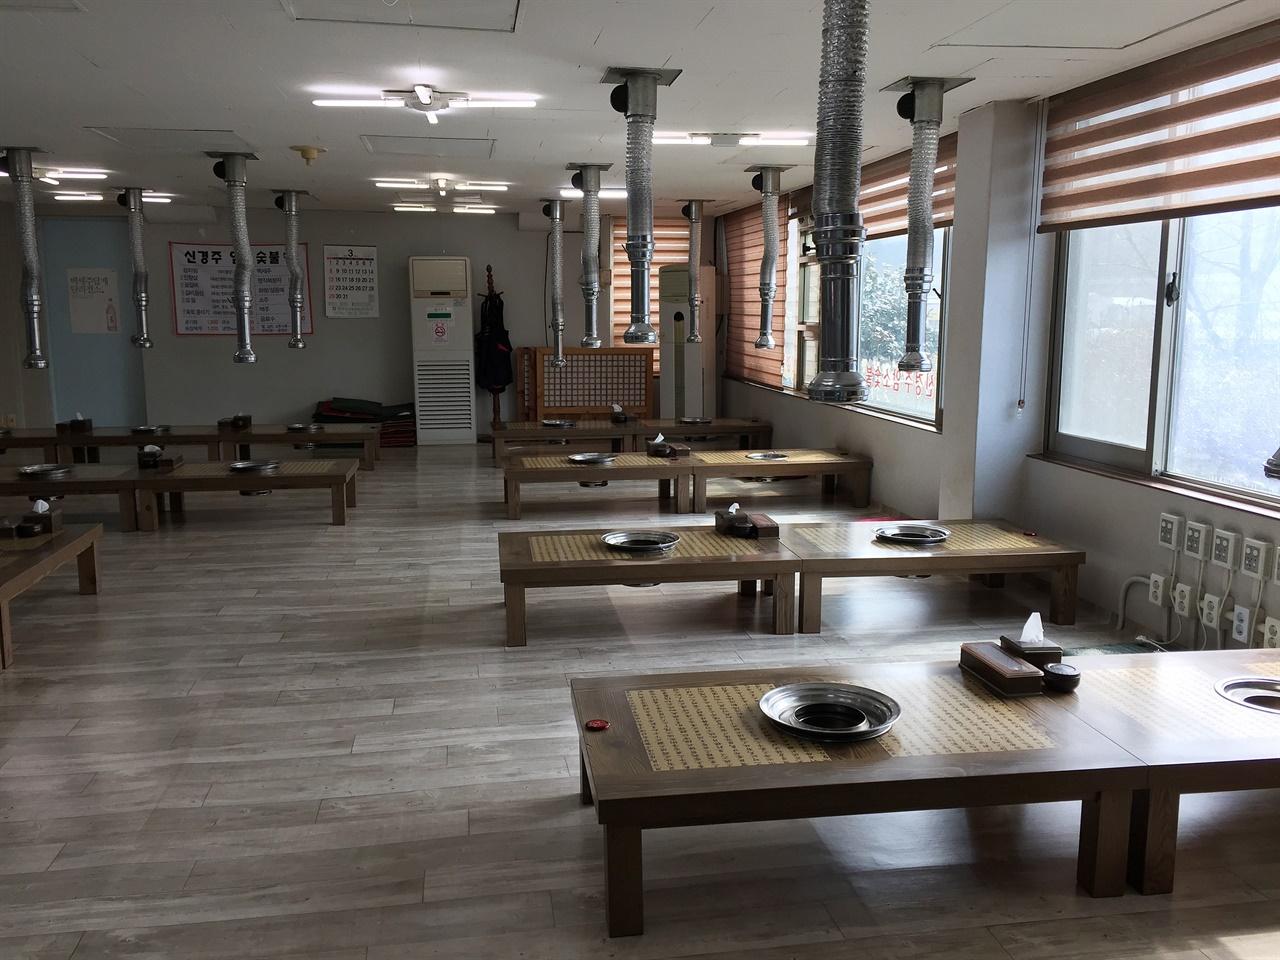 점심시간인데도 손님이라곤 없는 경주 광명동 S한우암소숯불집 식당 내부 모습